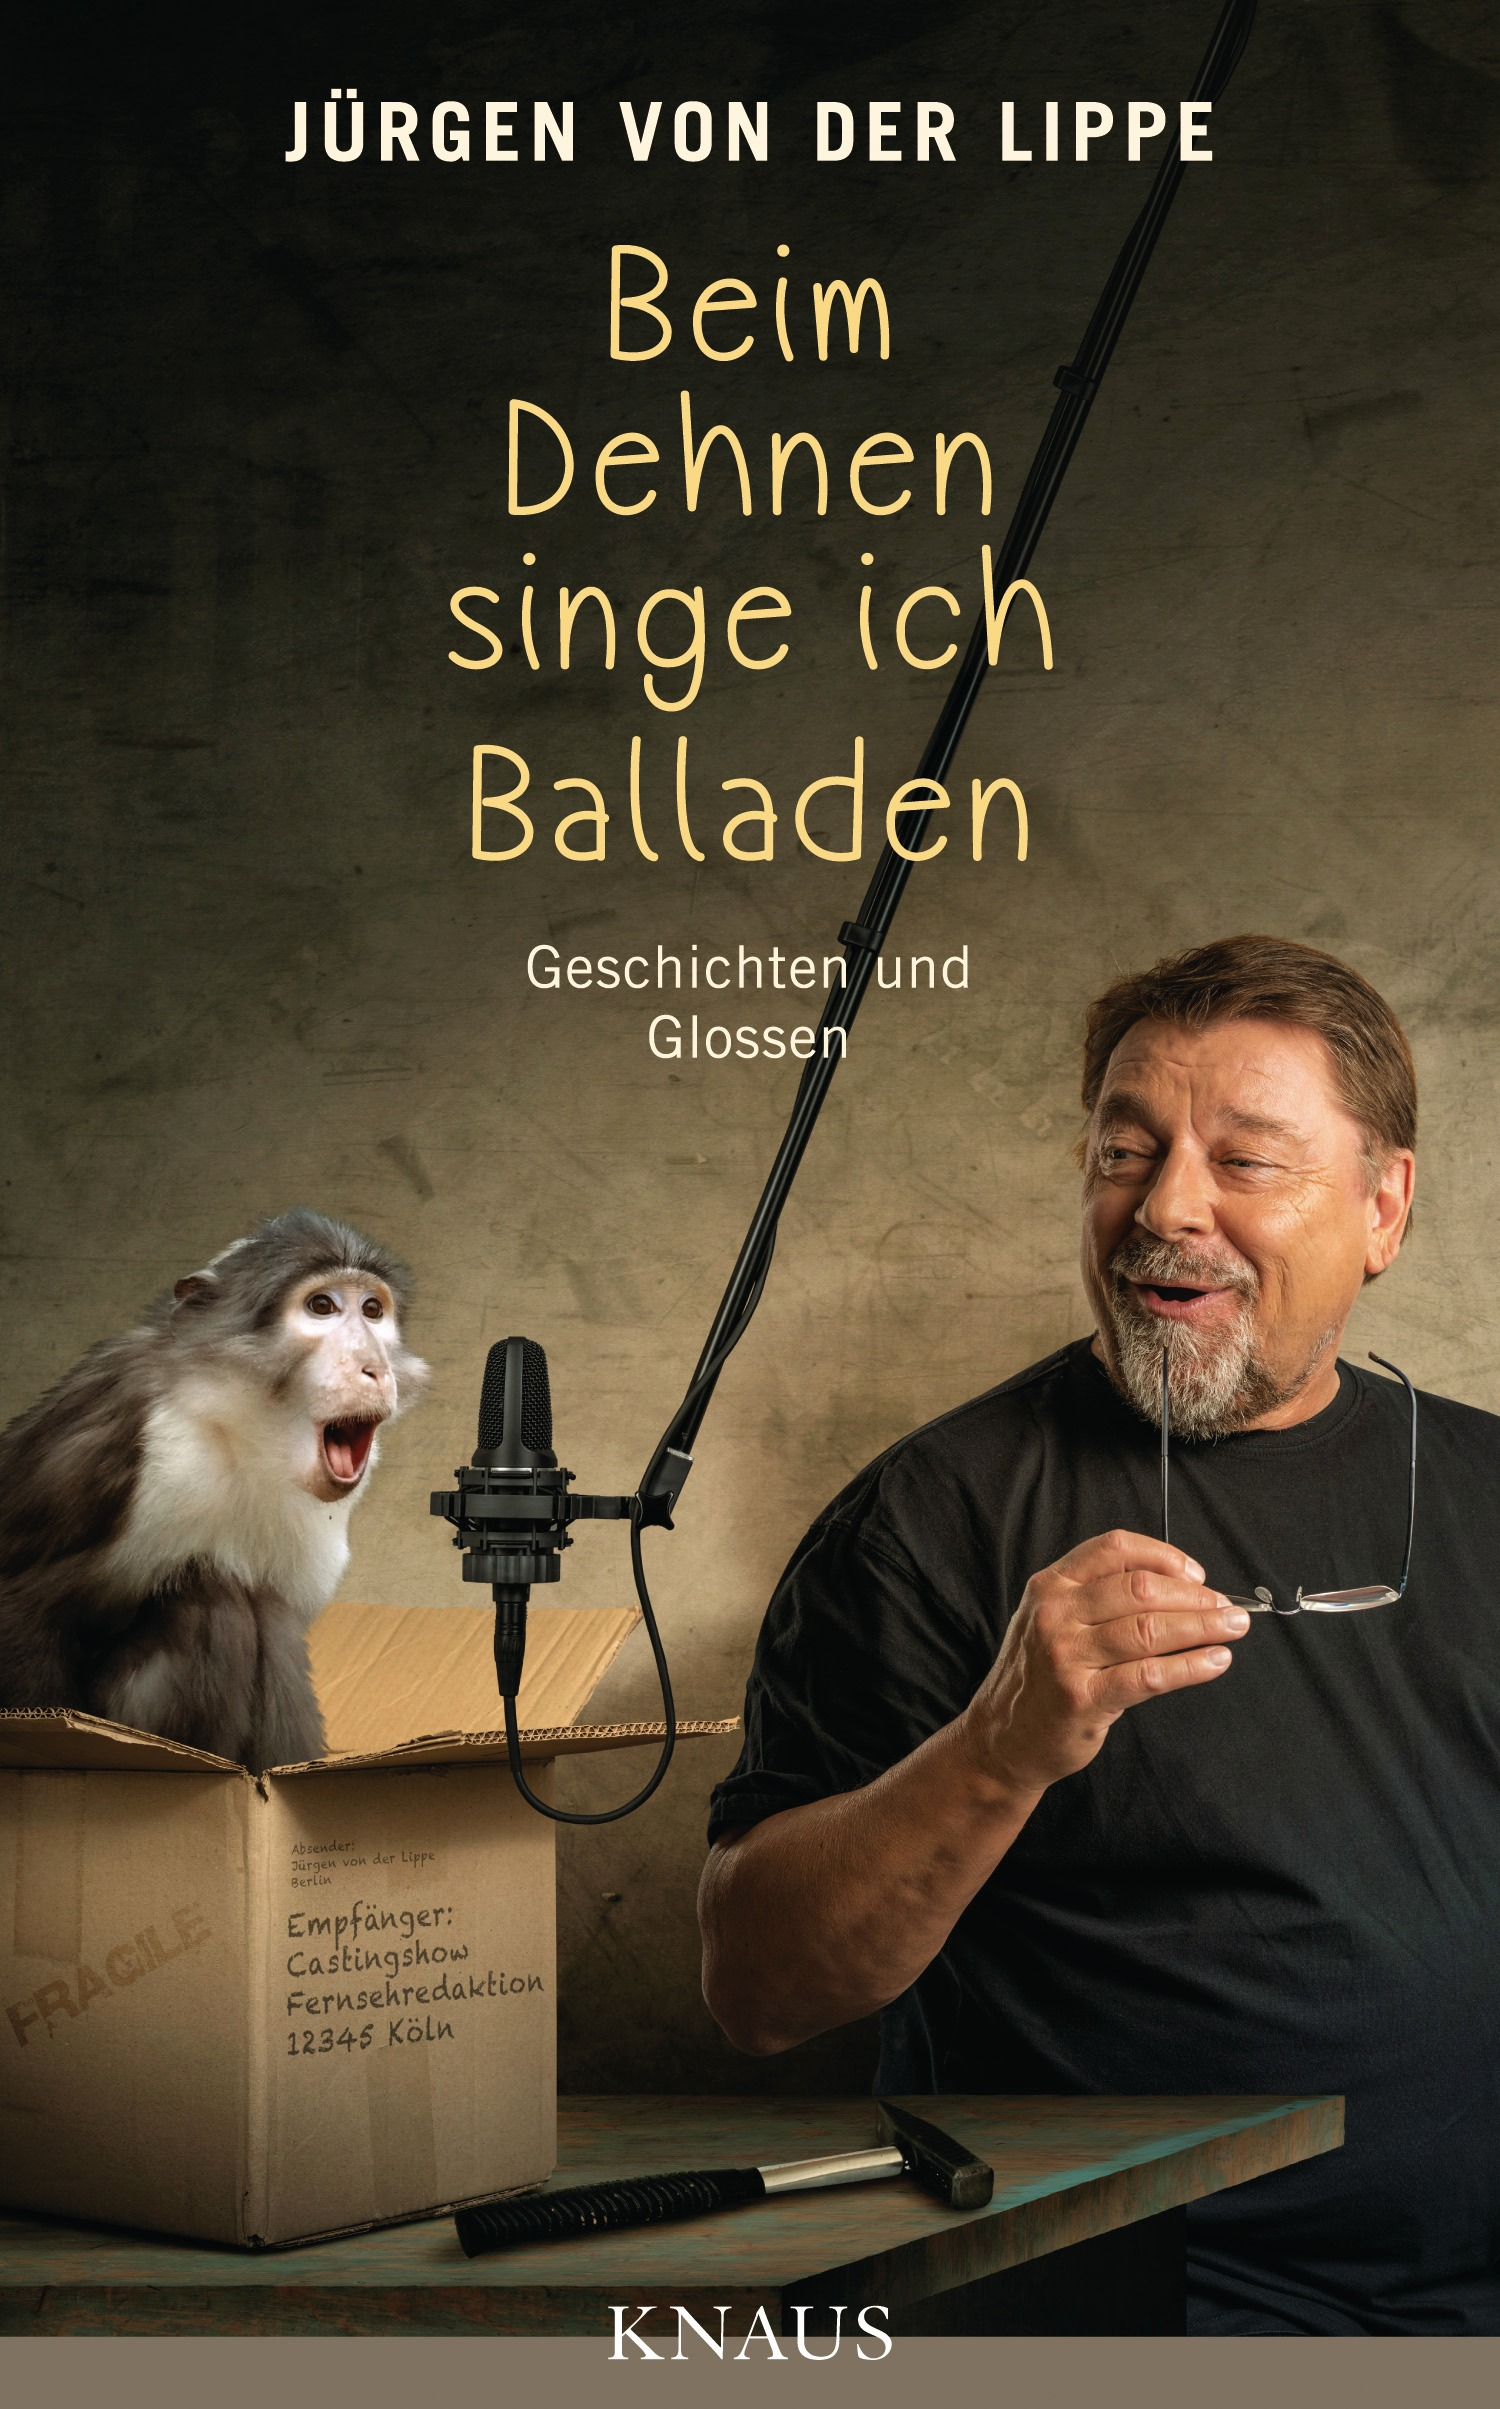 Beim Dehnen singe ich Balladen: Geschichten und Glossen - Jürgen von der Lippe [Gebundene Ausgabe]